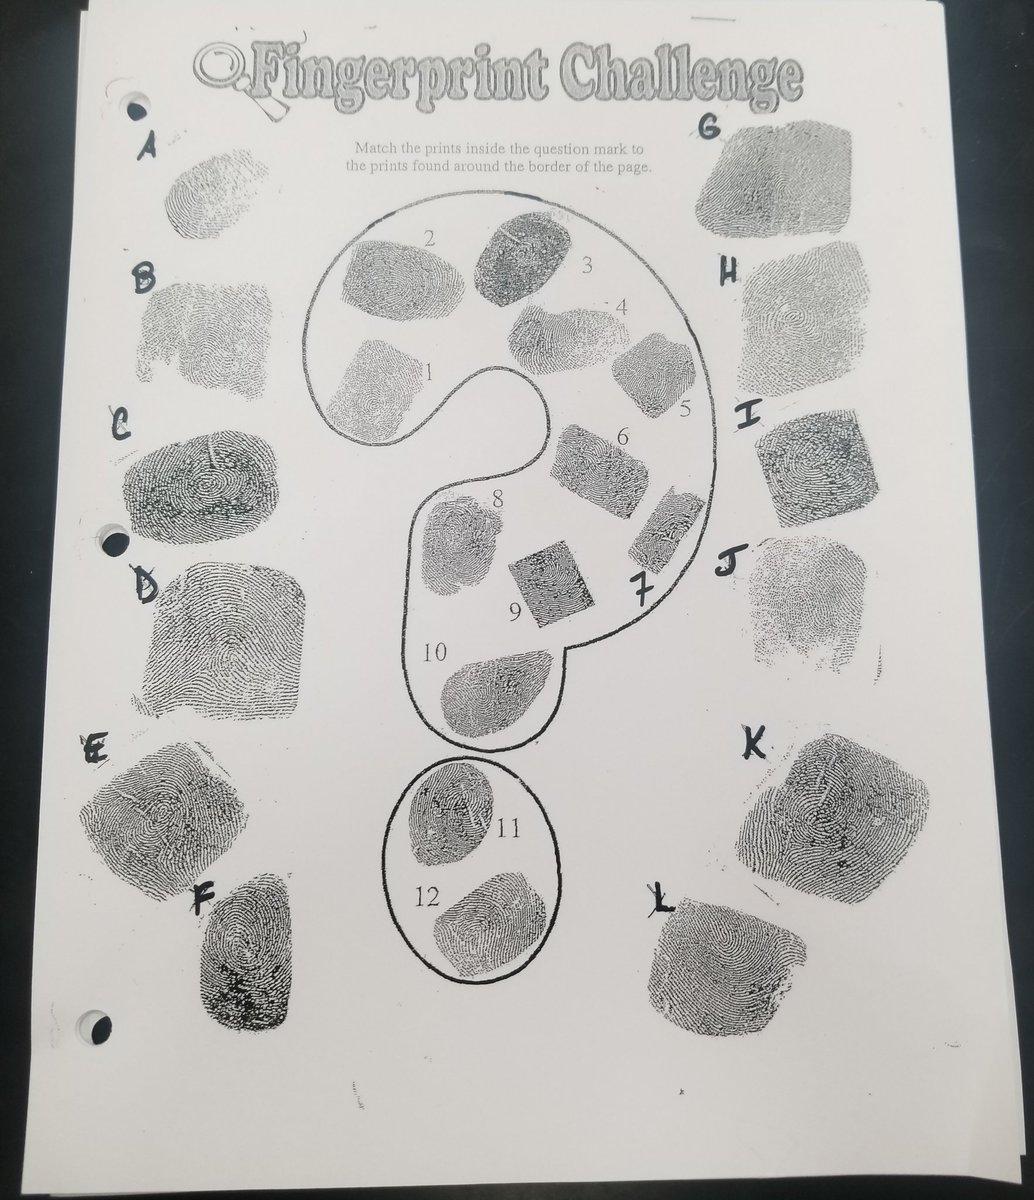 Bestseller Fingerprint Challenge Answers